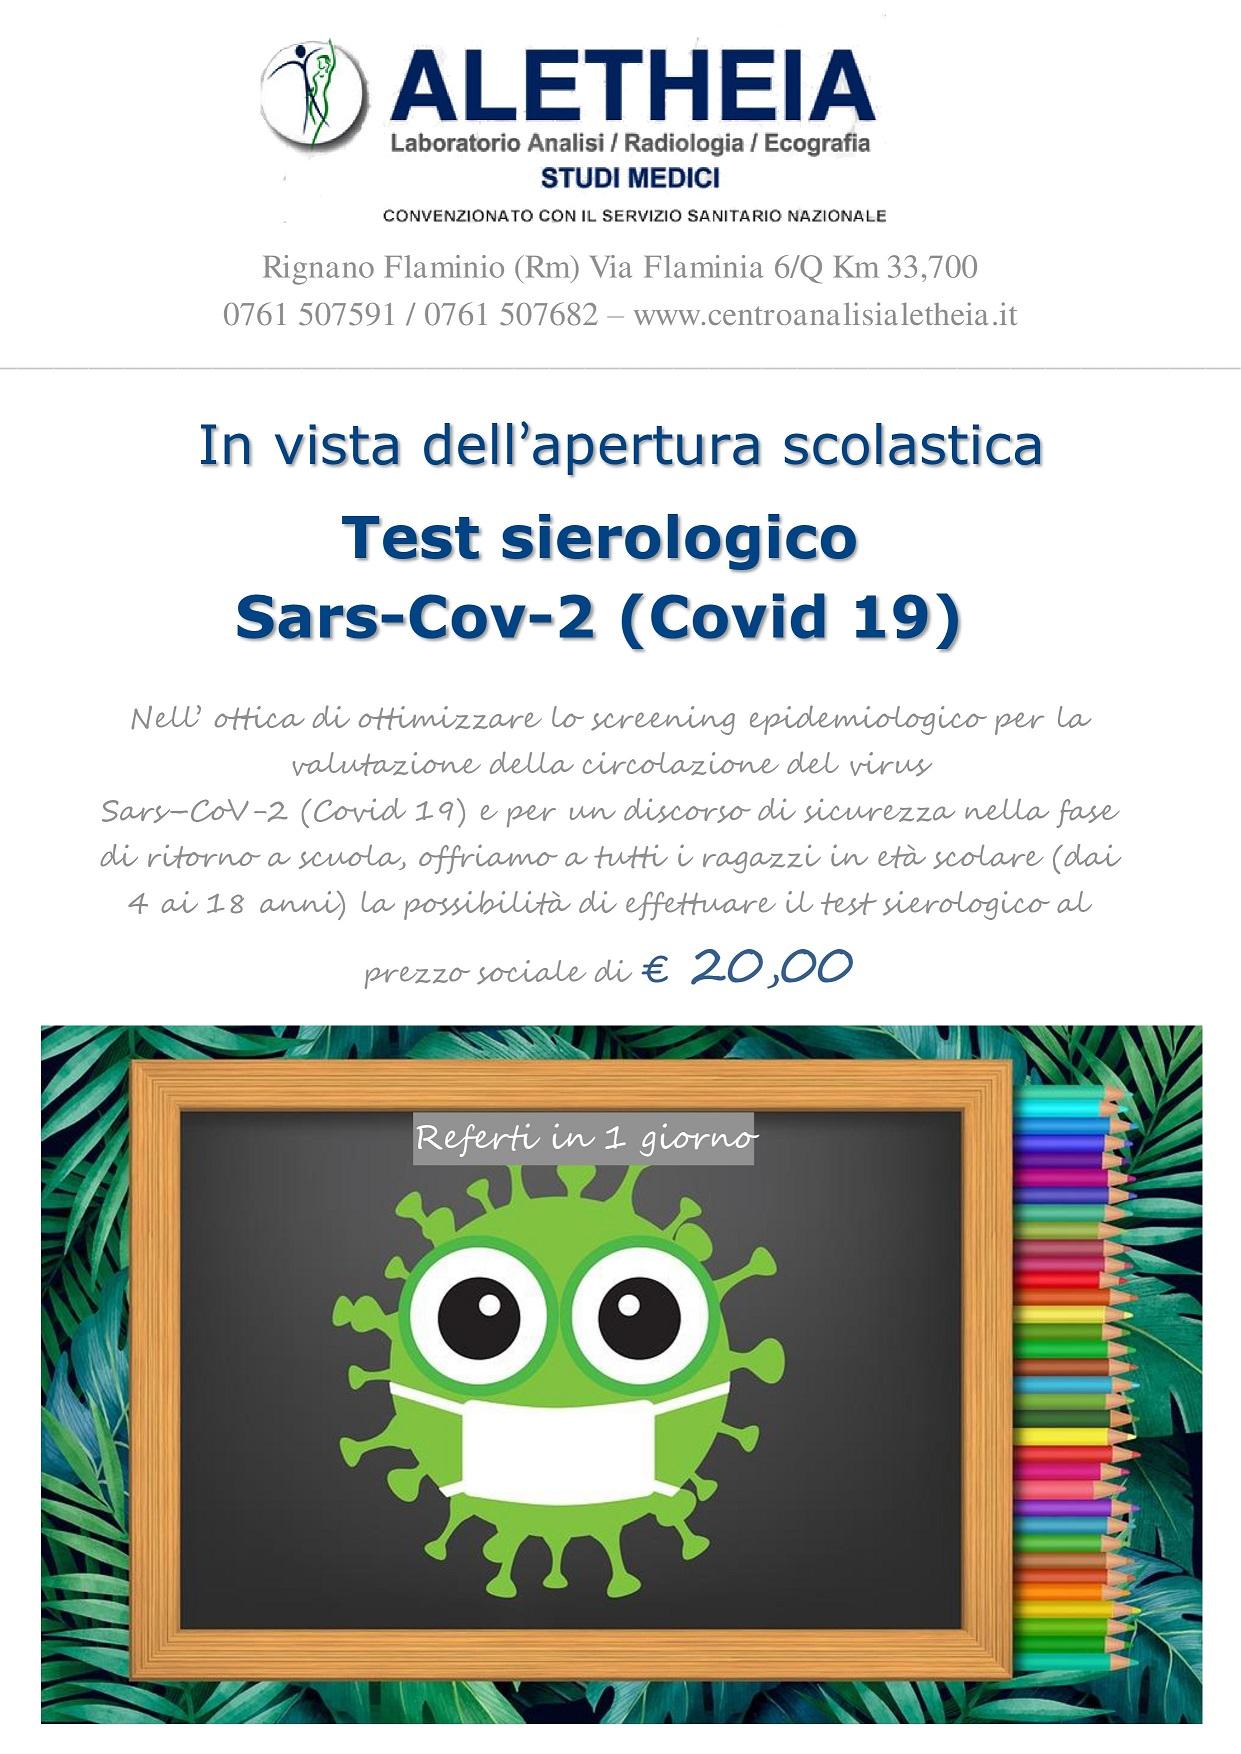 TEST SIEROLOGICO SARS-COV-2 (COVID19) IN VISTA DELL'APERTURA SCOLASTICA